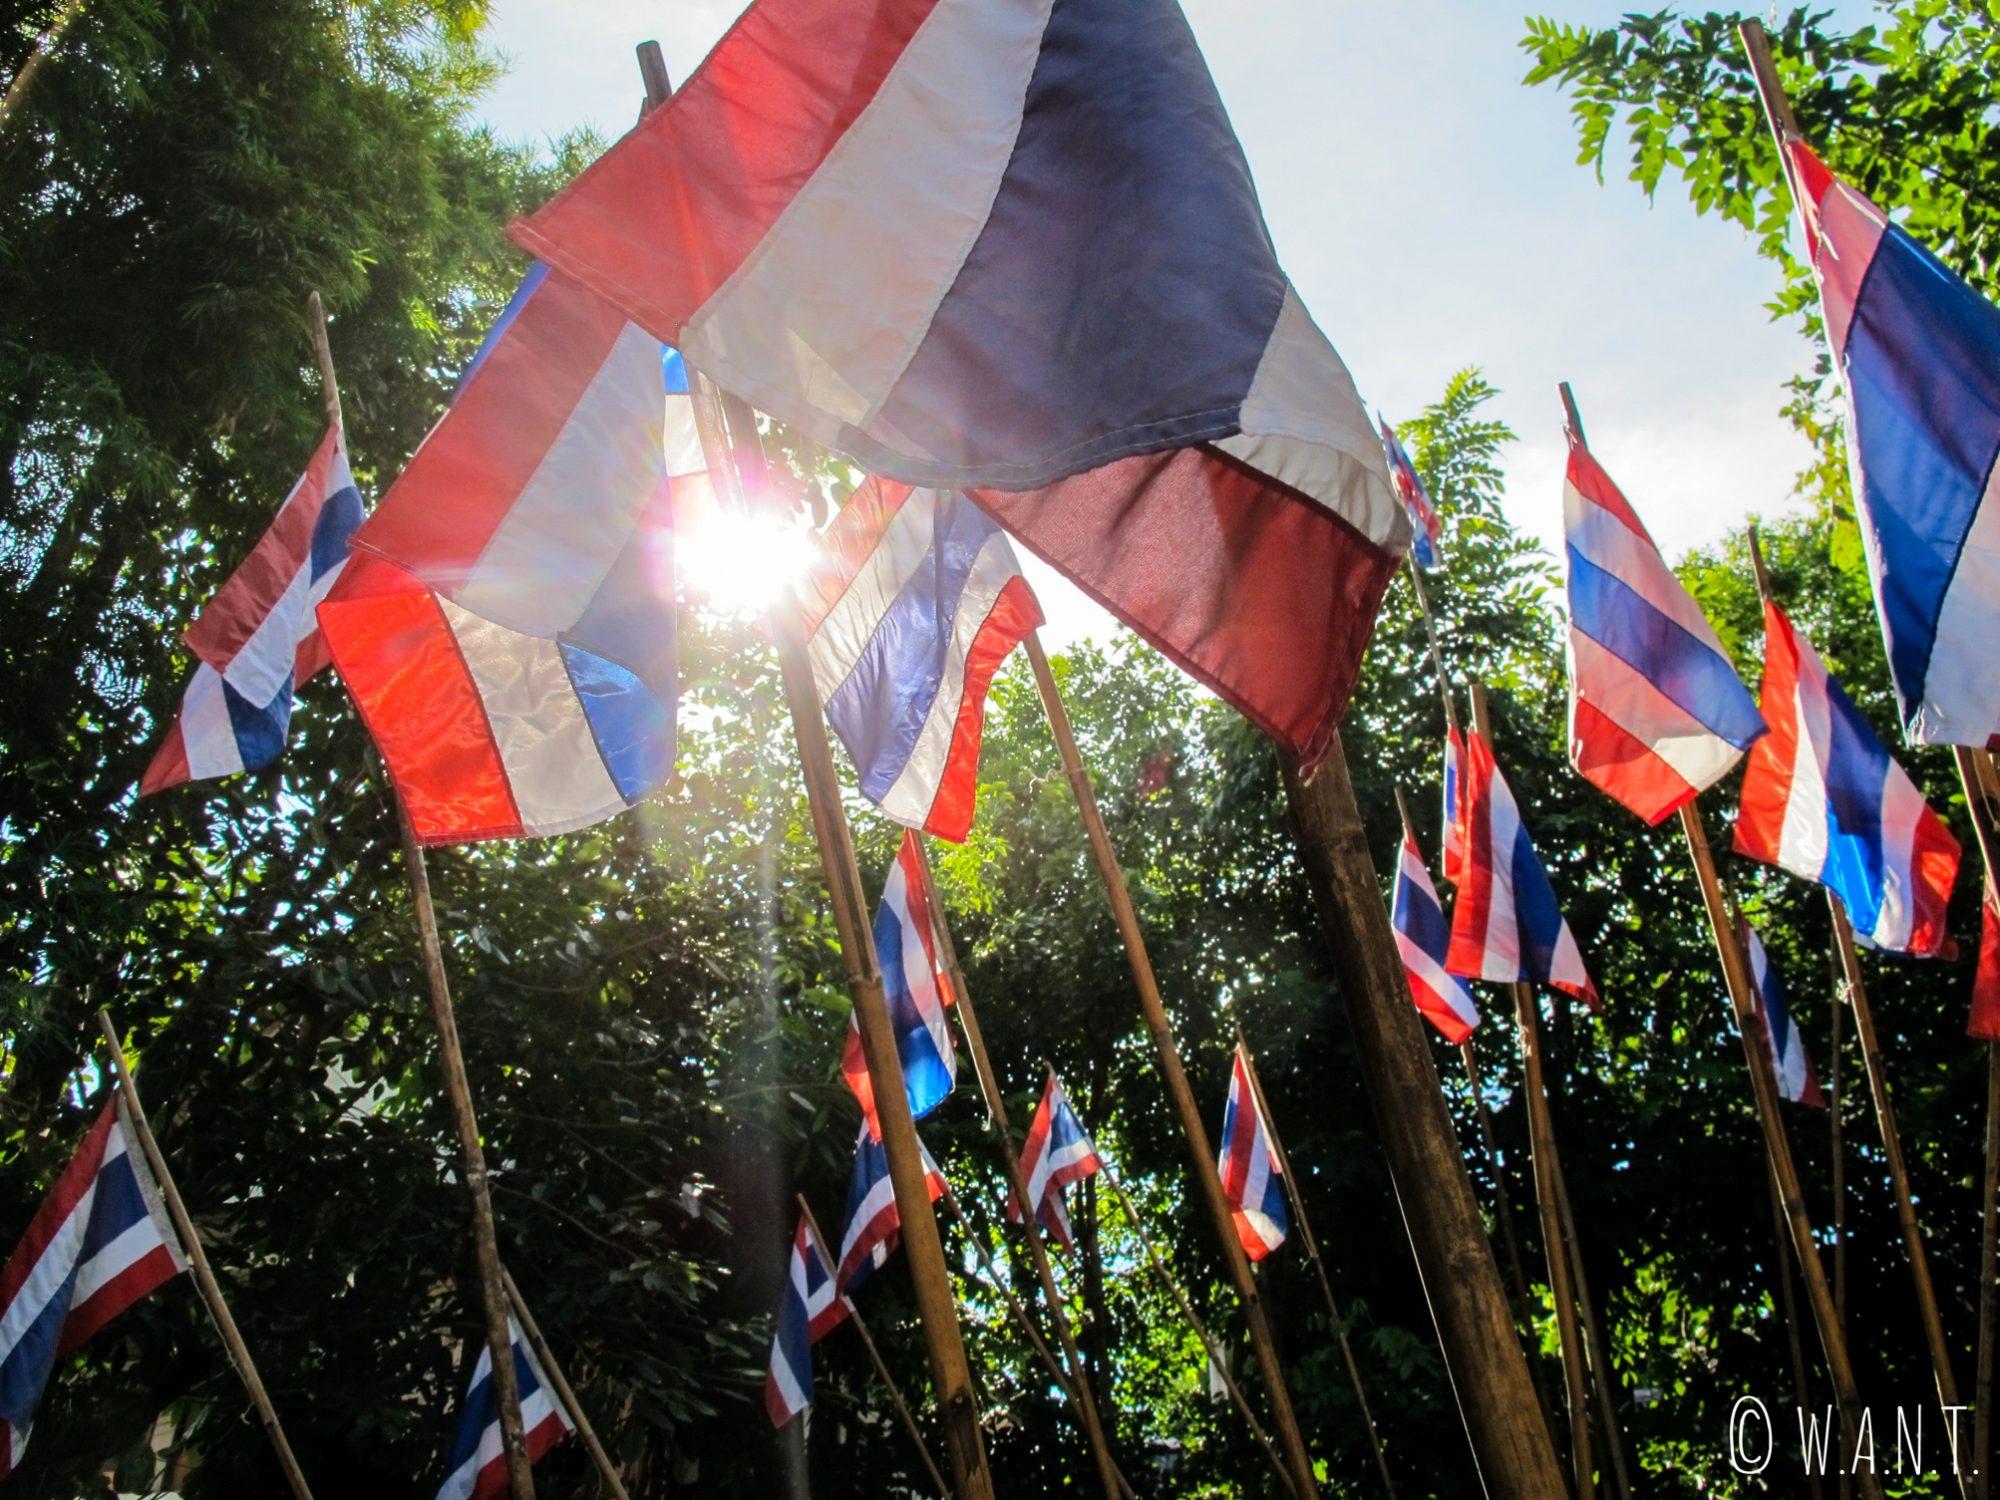 Drapeaux thaïlandais dans le jardin du Wat Phan Tao de Chiang Mai